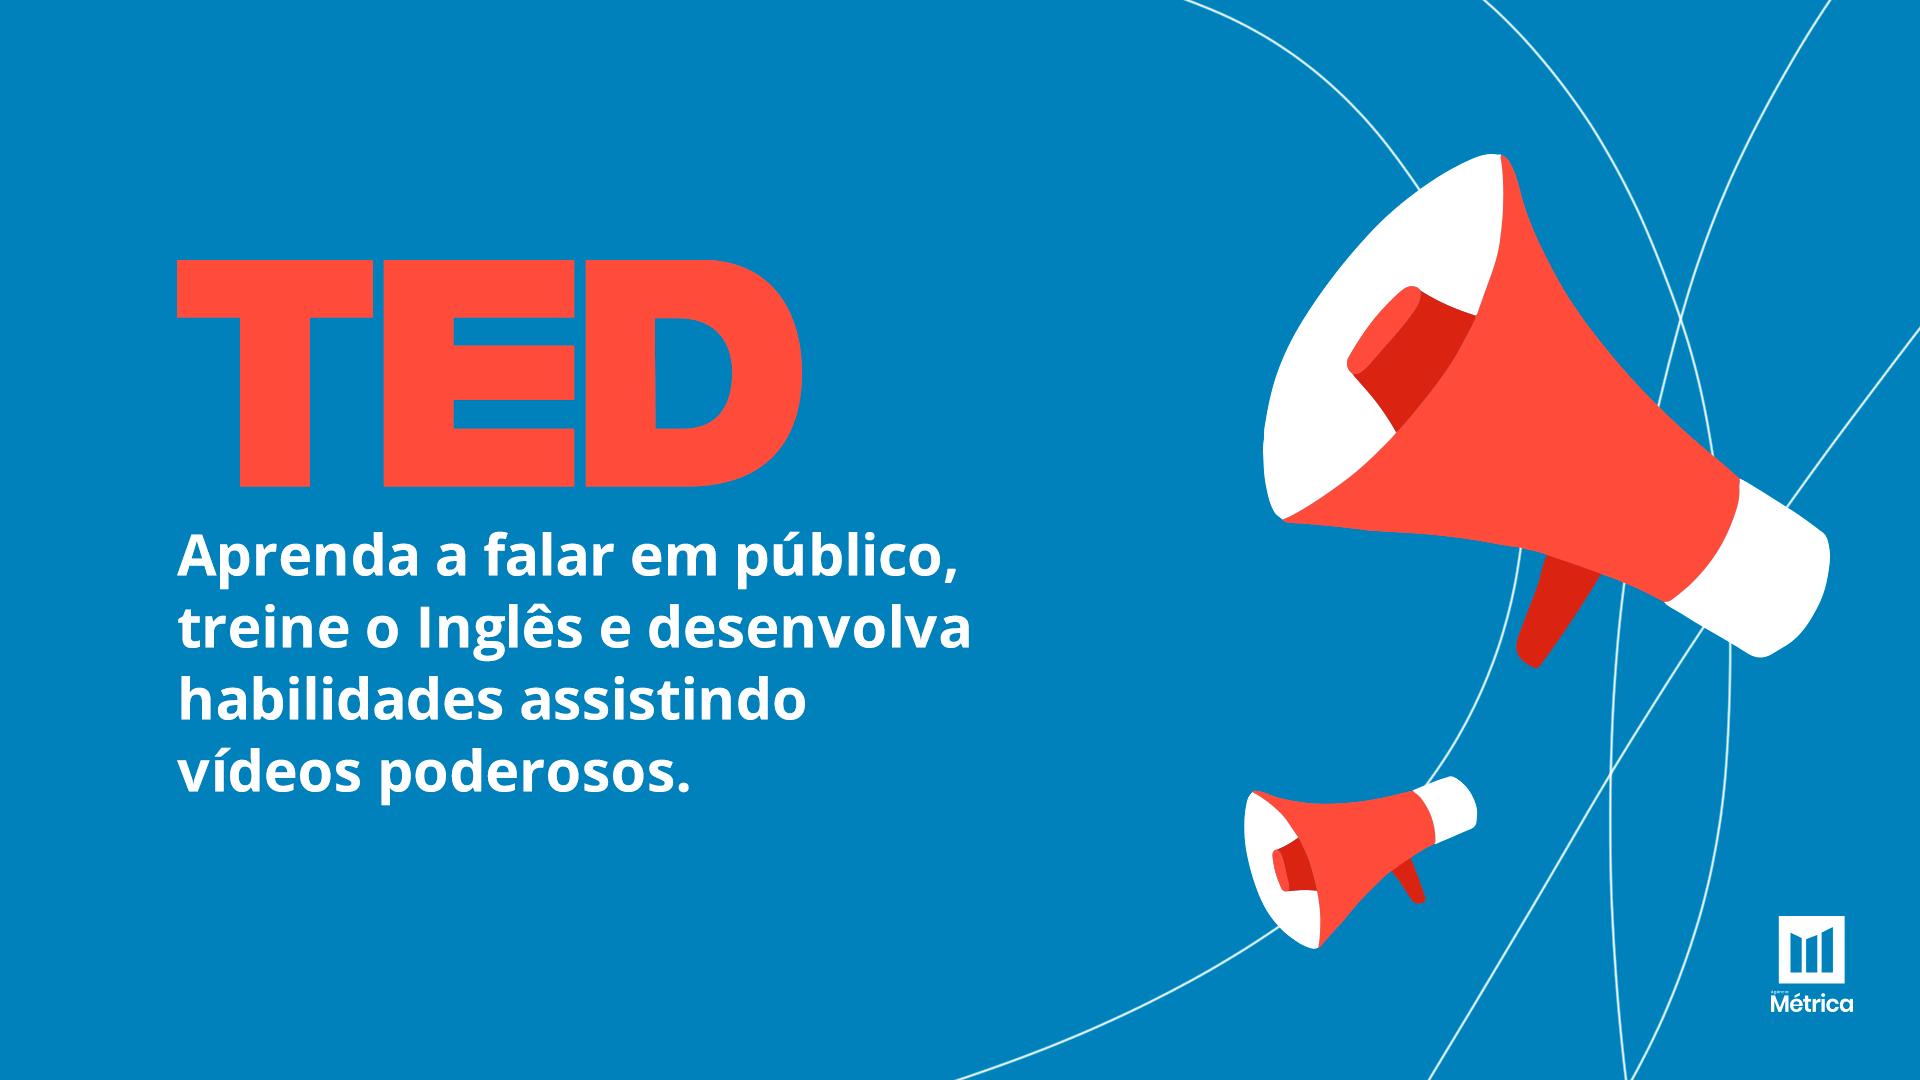 Ted Talks Aprenda A Falar Em Público Treine O Inglês E